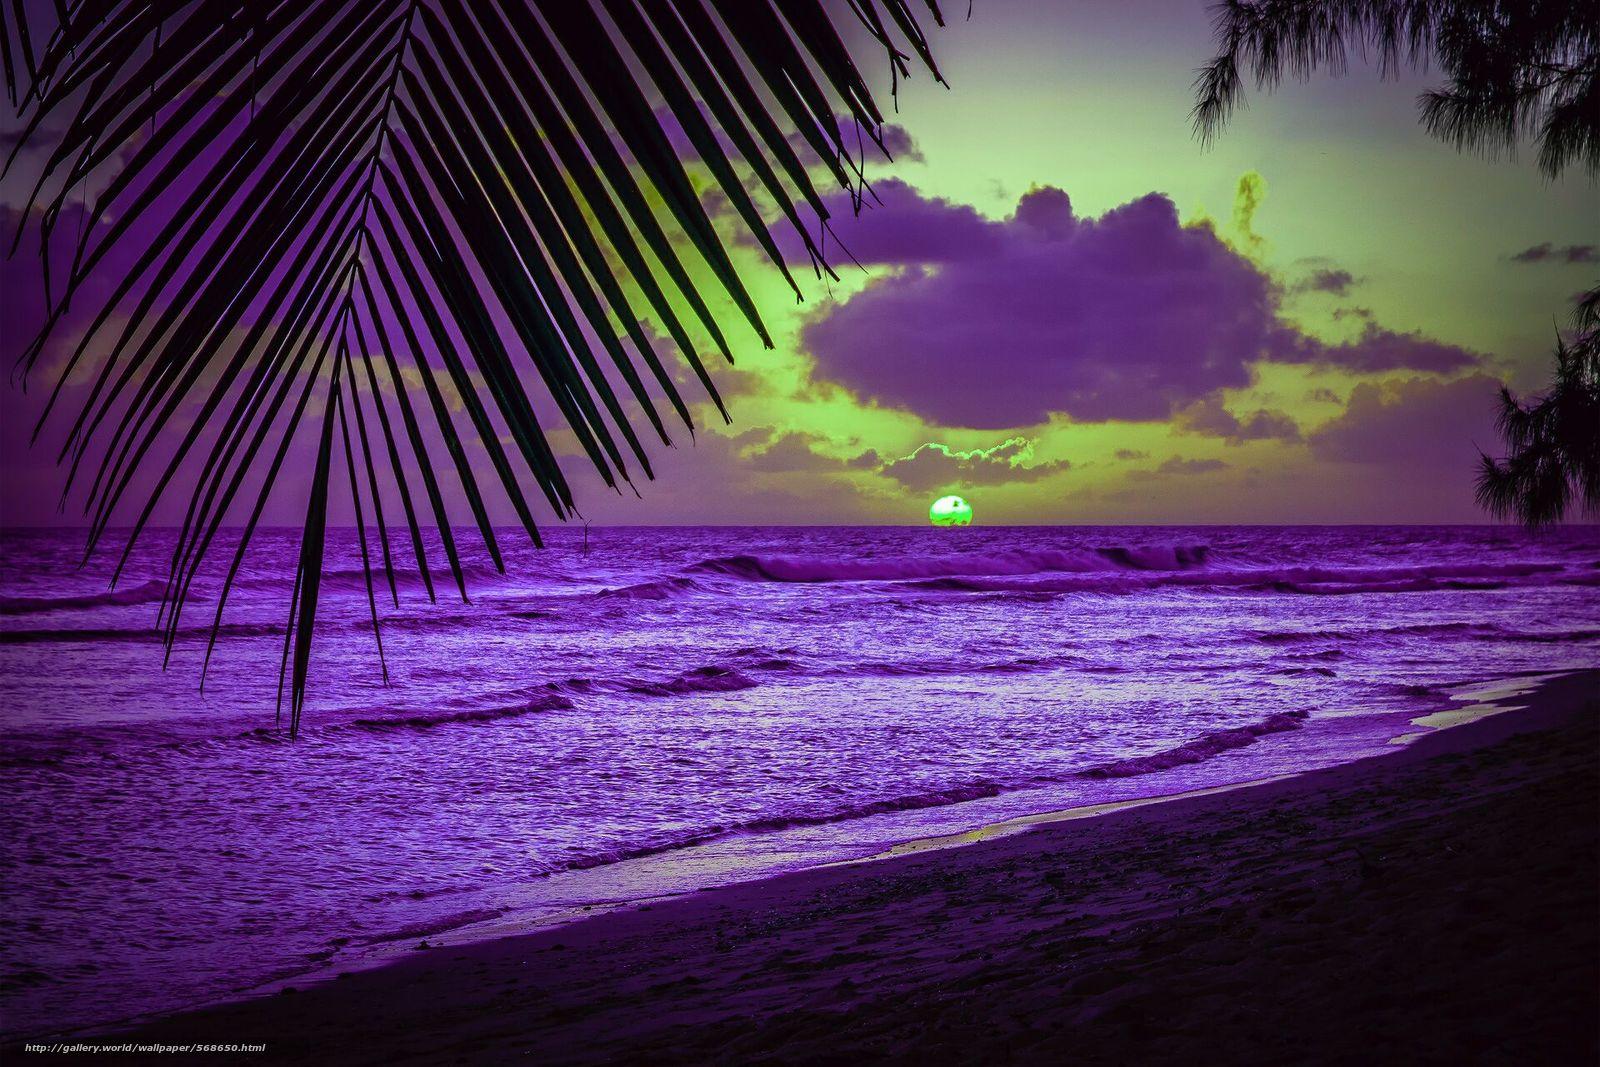 Скачать обои пляж,  пальмы,  карибское море,  силуэт бесплатно для рабочего стола в разрешении 1920x1280 — картинка №568650